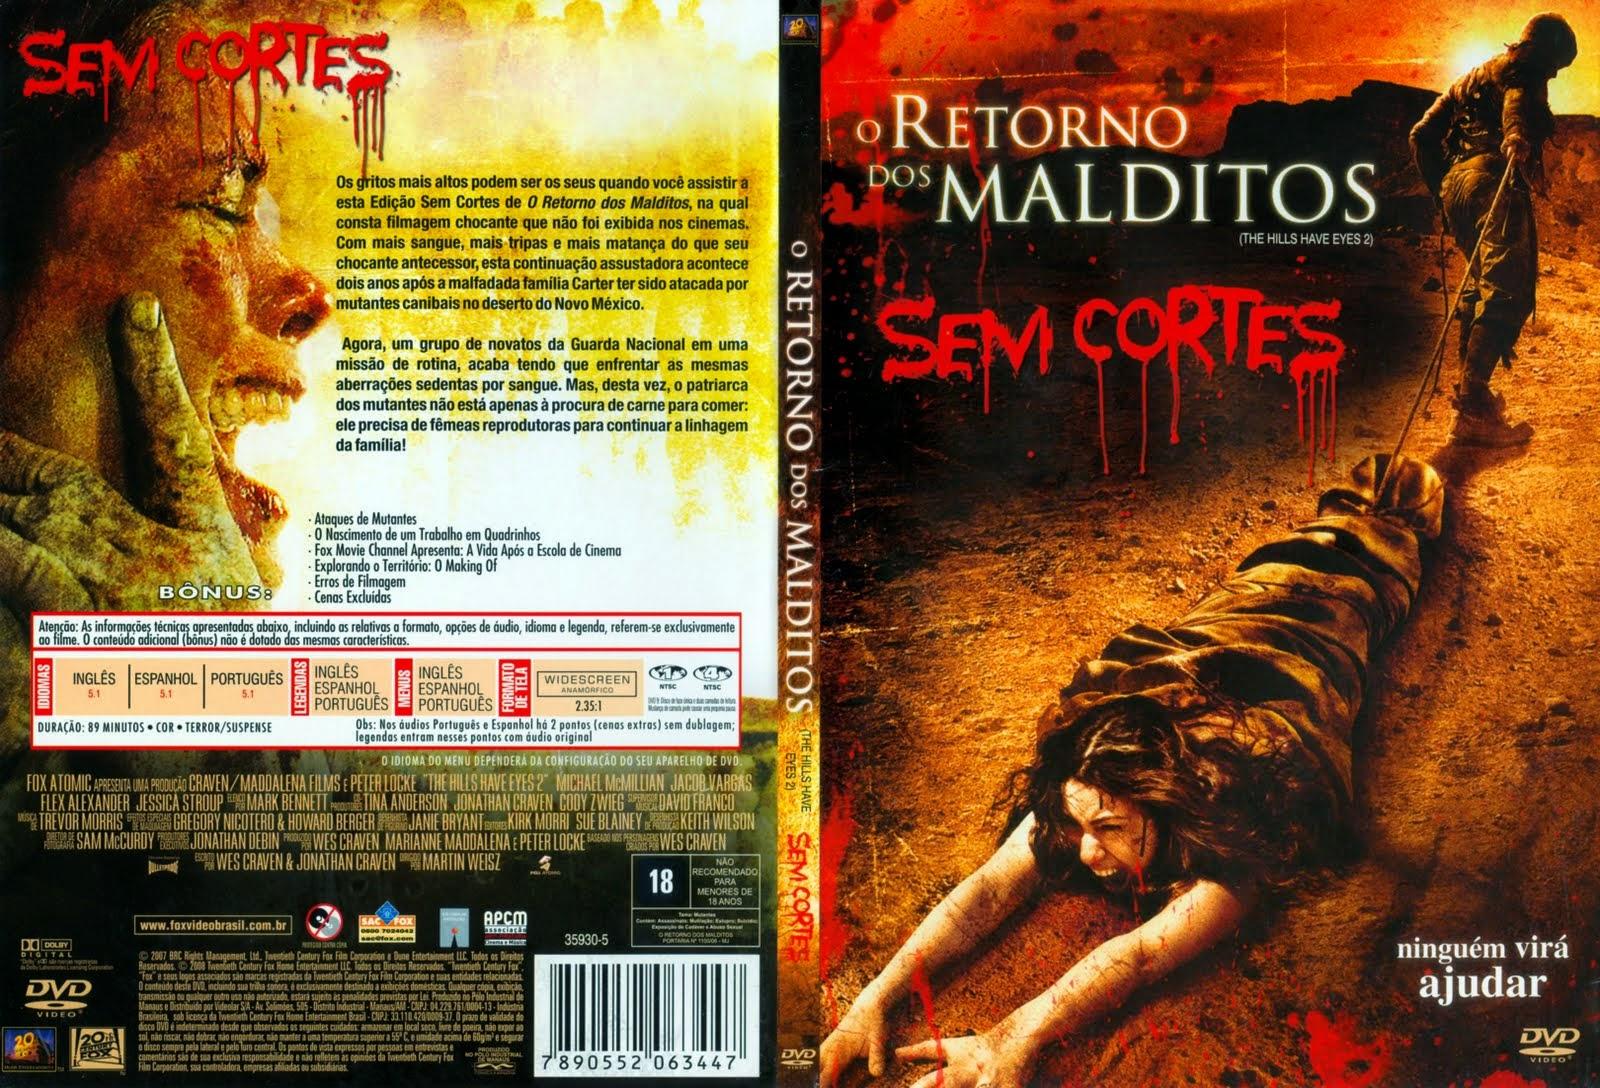 Filme O Retorno Dos Malditos DVD Capa